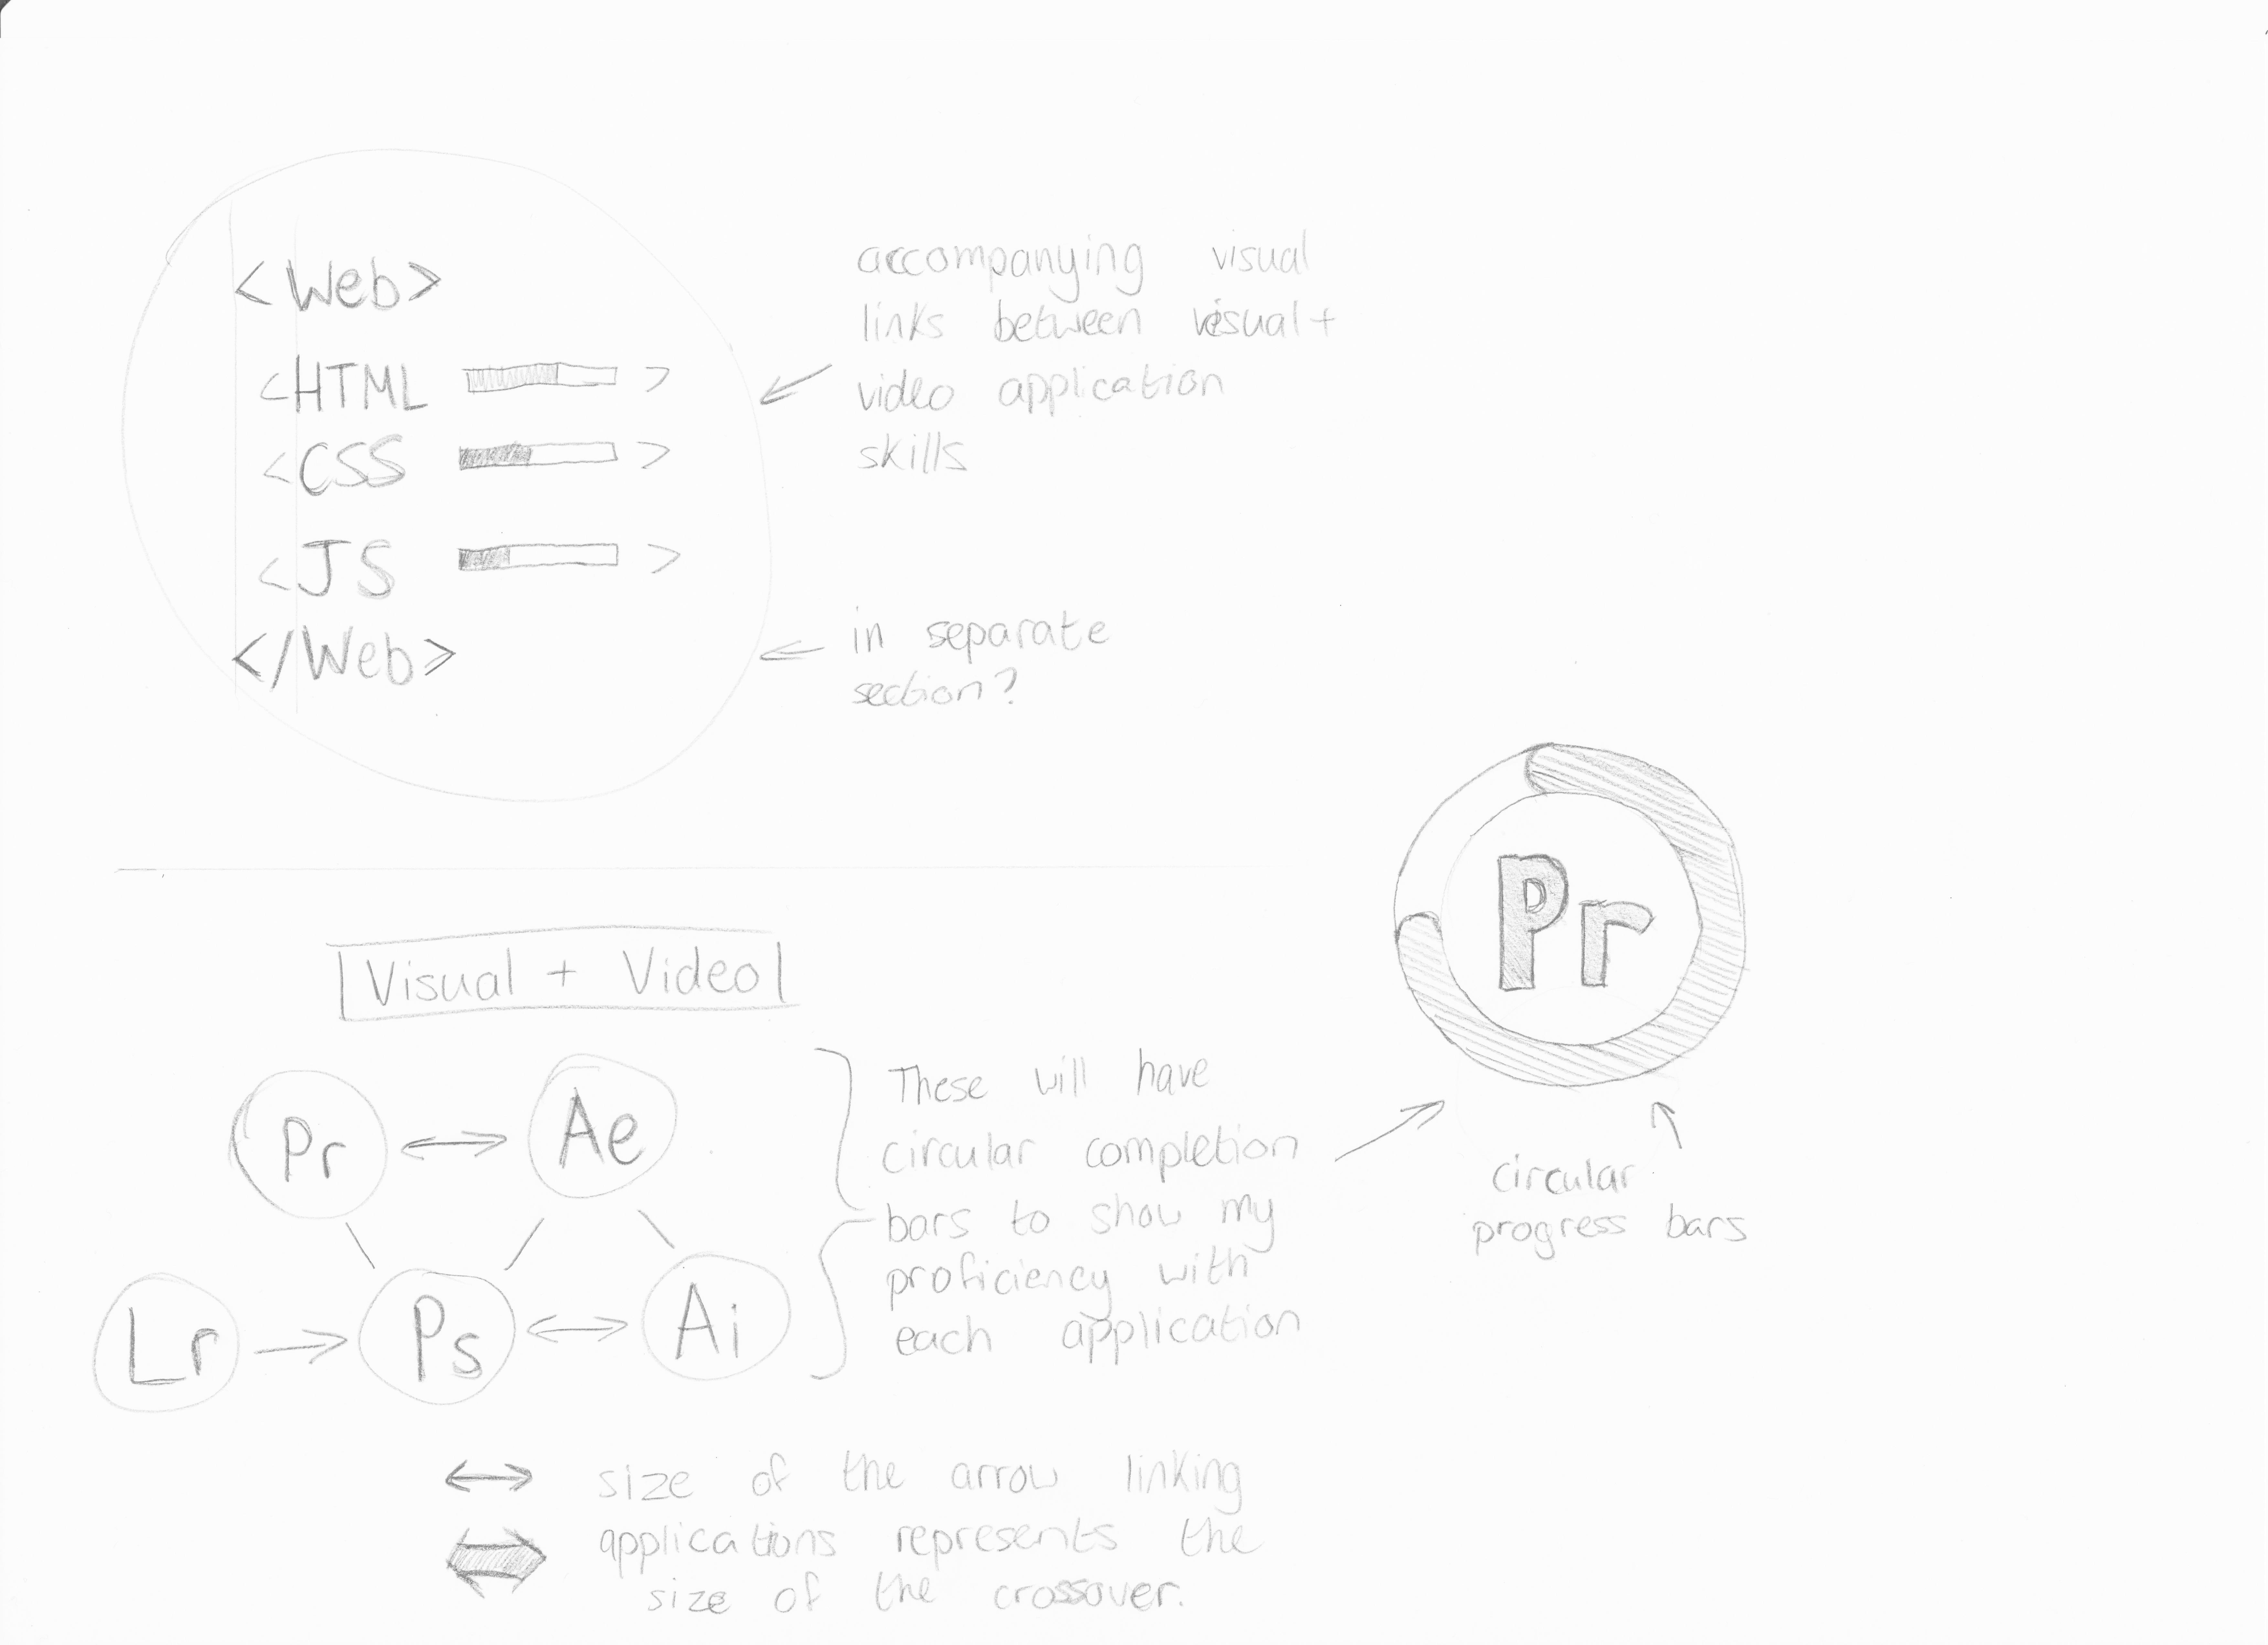 ipad_dashboard_sketch_2